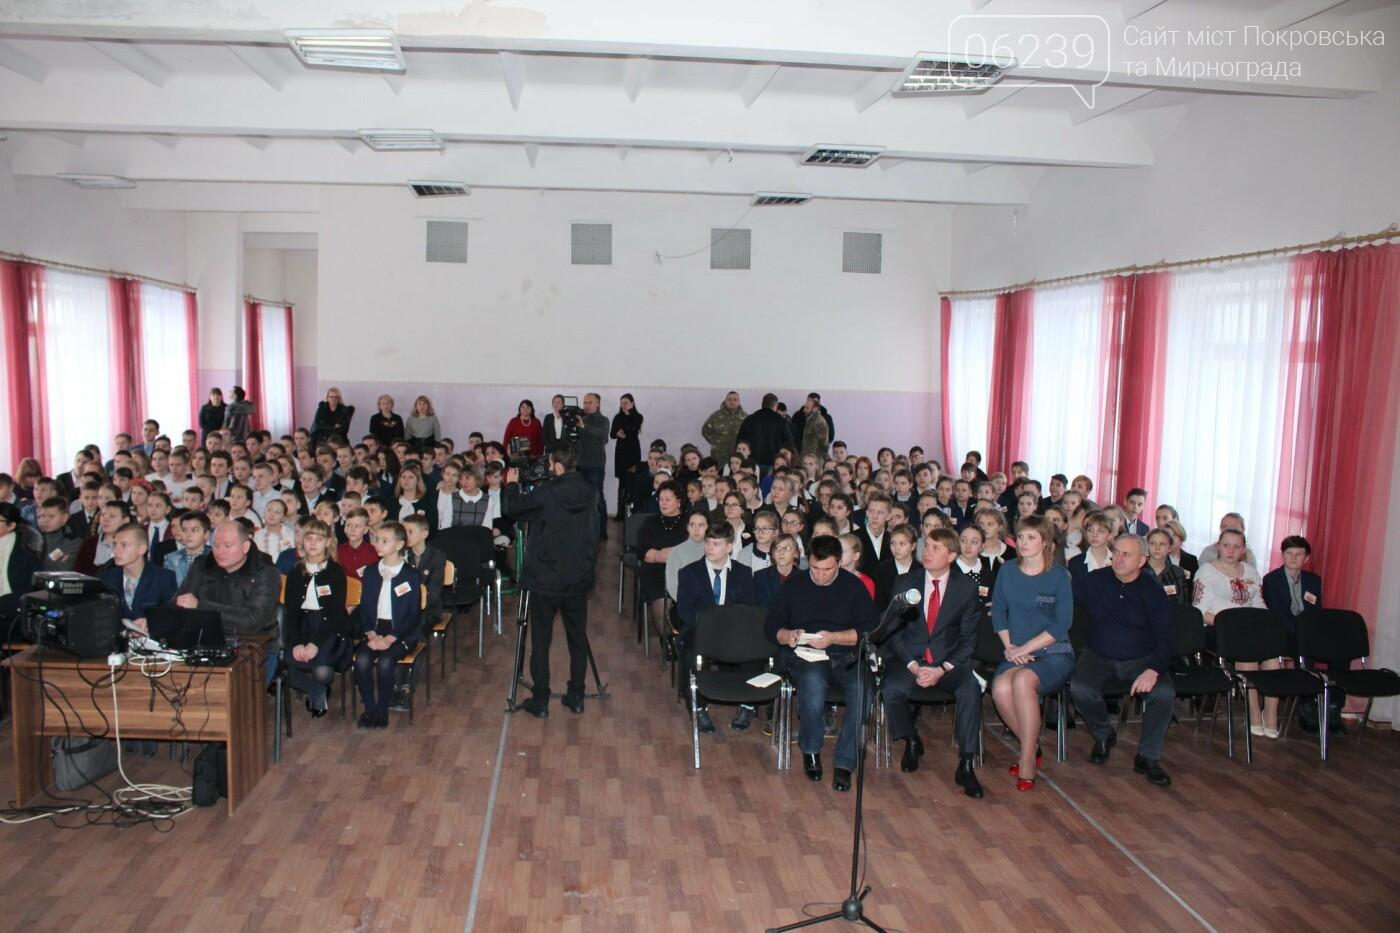 Министр иностранных дел Украины Павел Климкин посетил Мирноград , фото-9